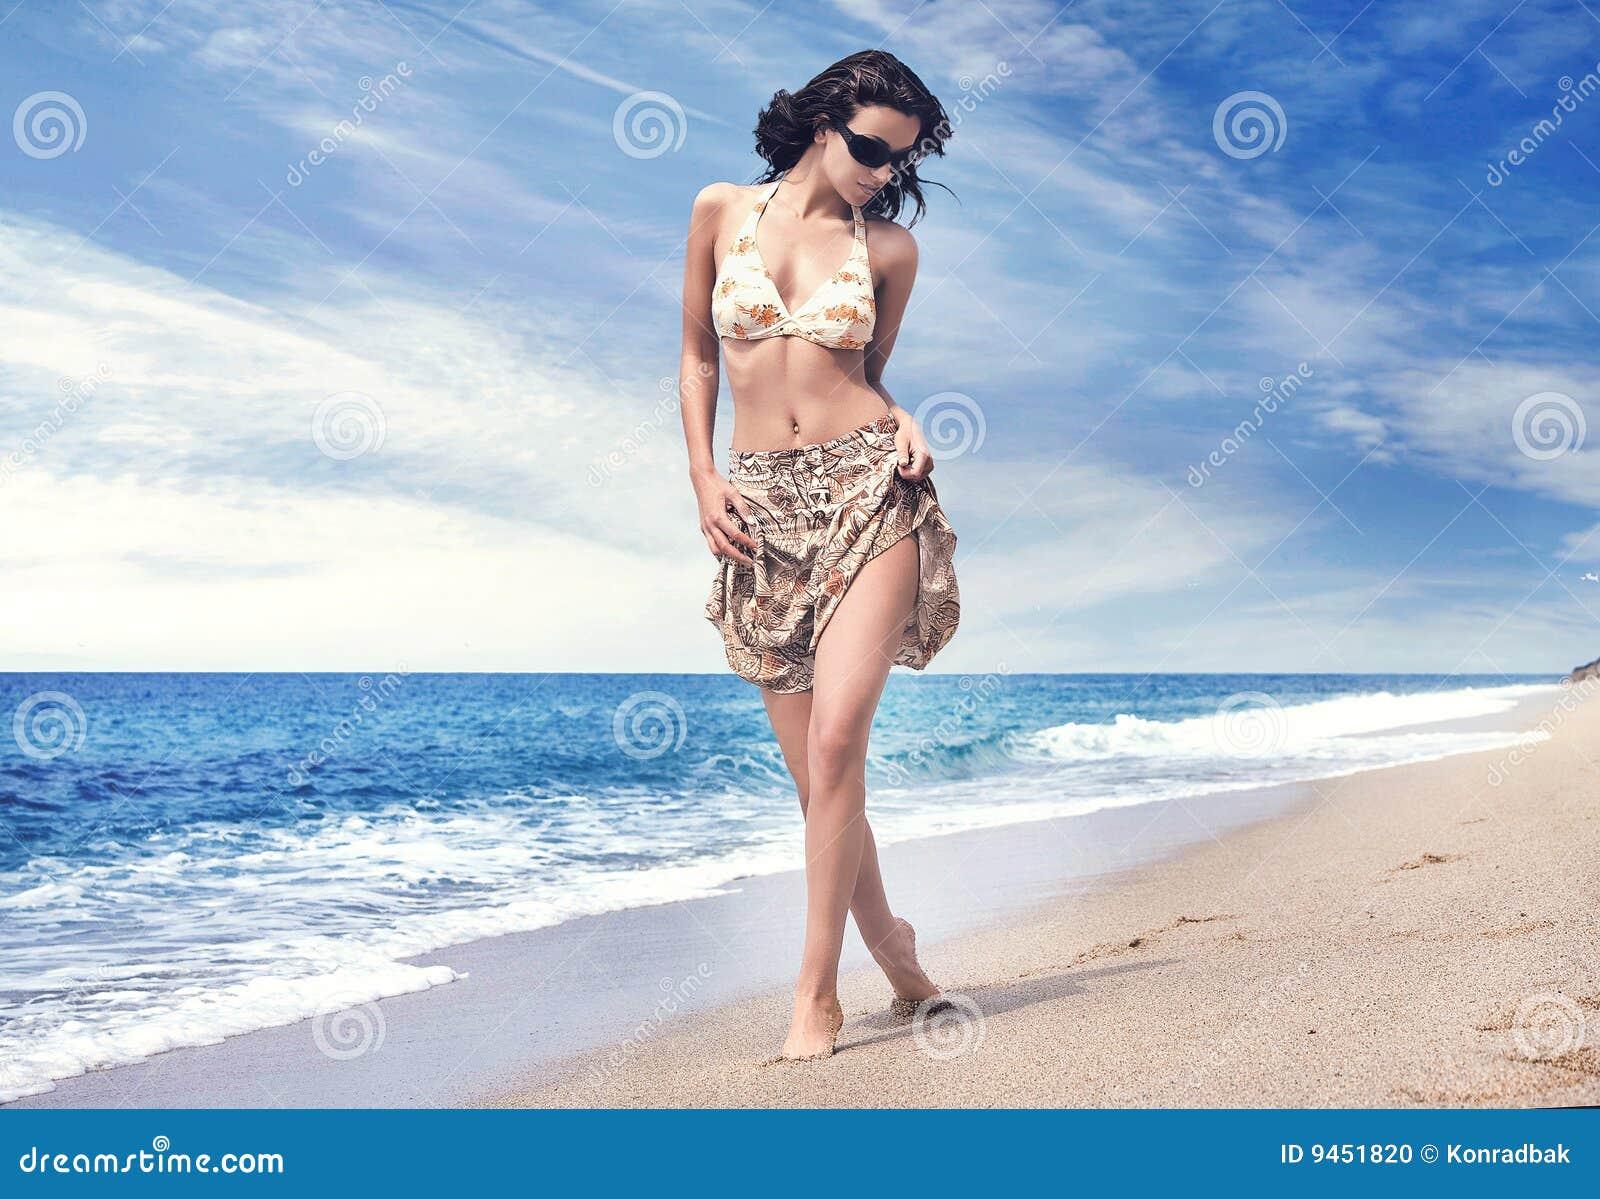 Фото девушек на тропических пляжах